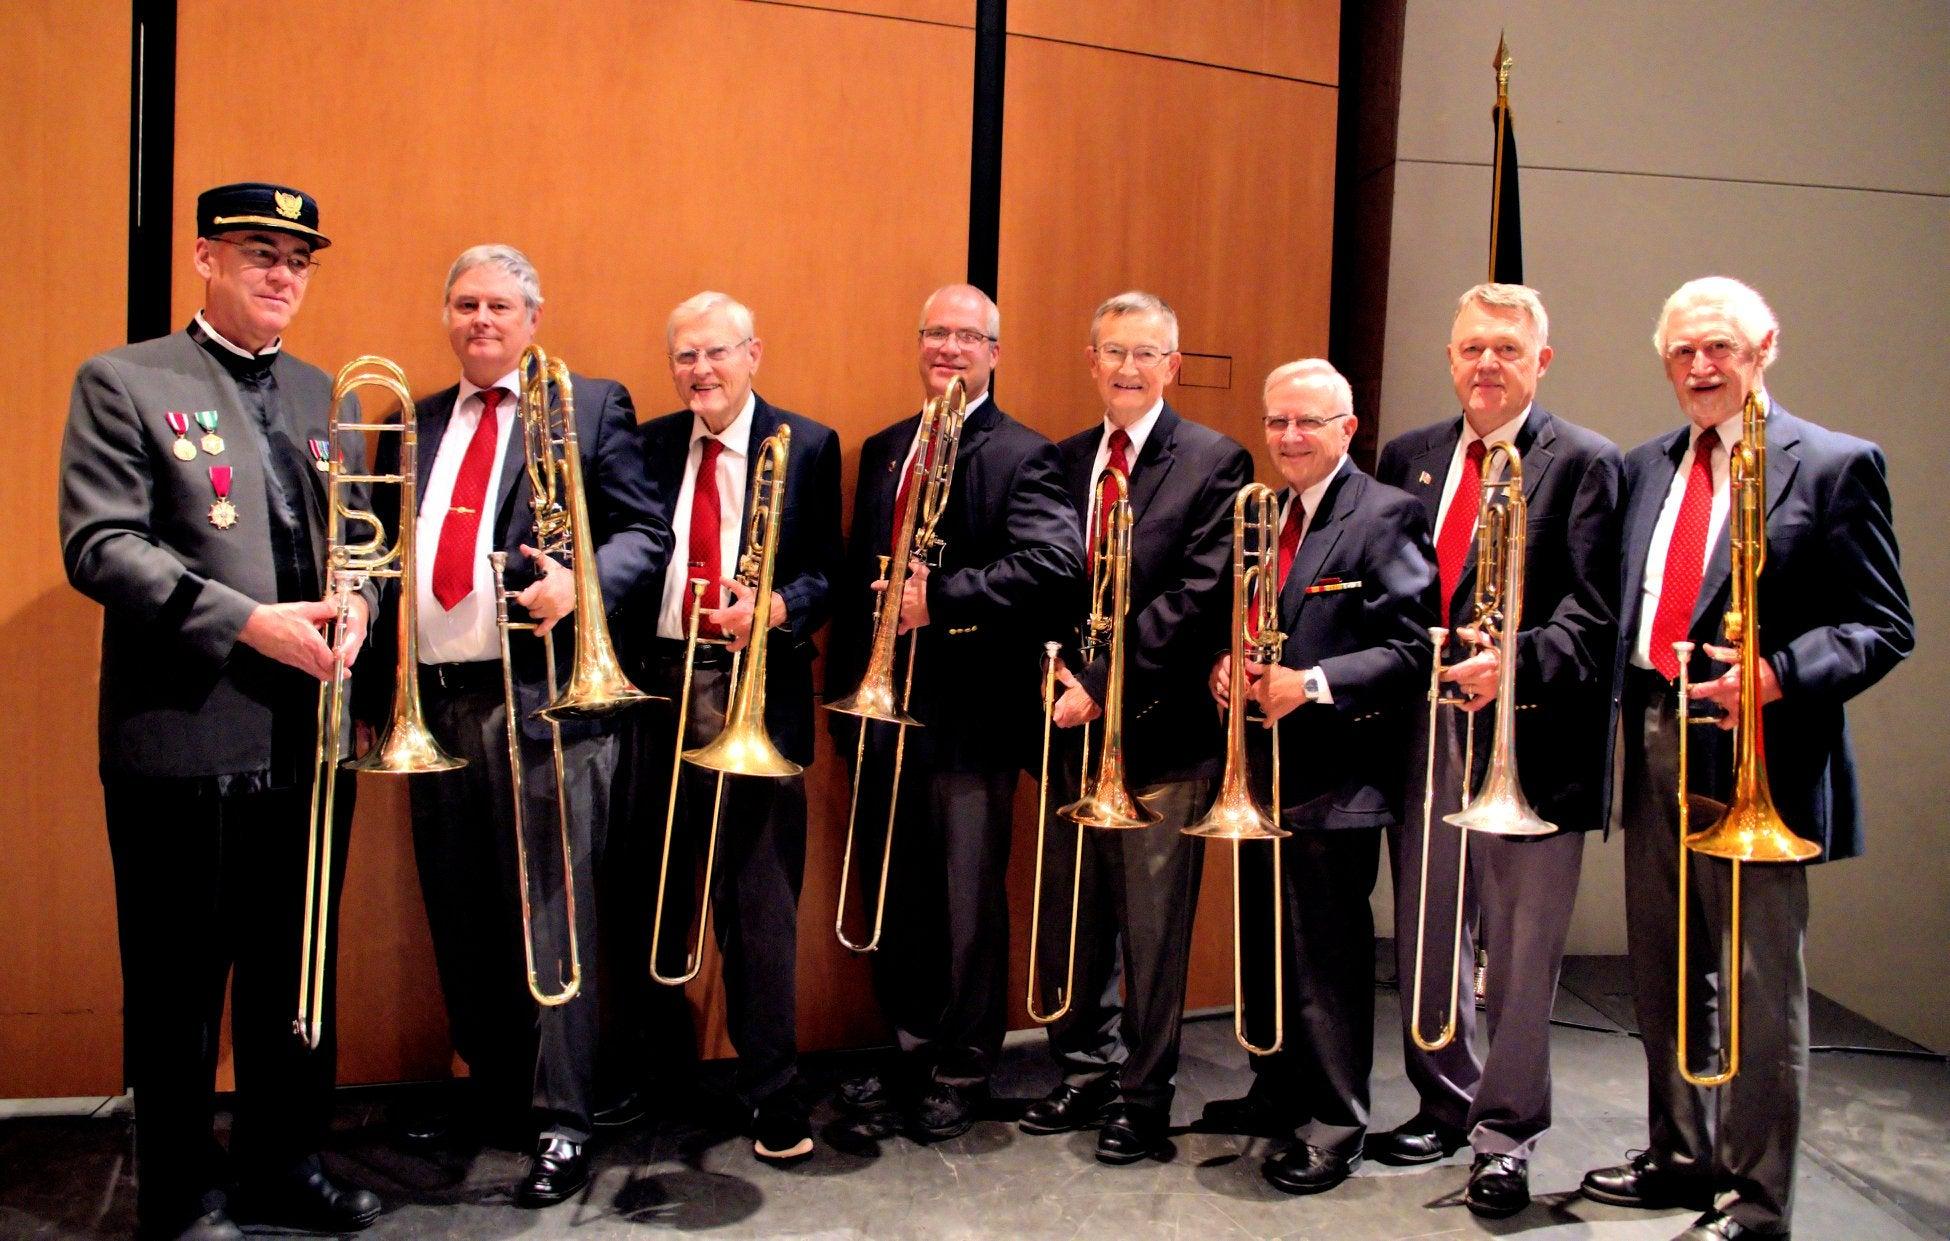 iowa military veterans band